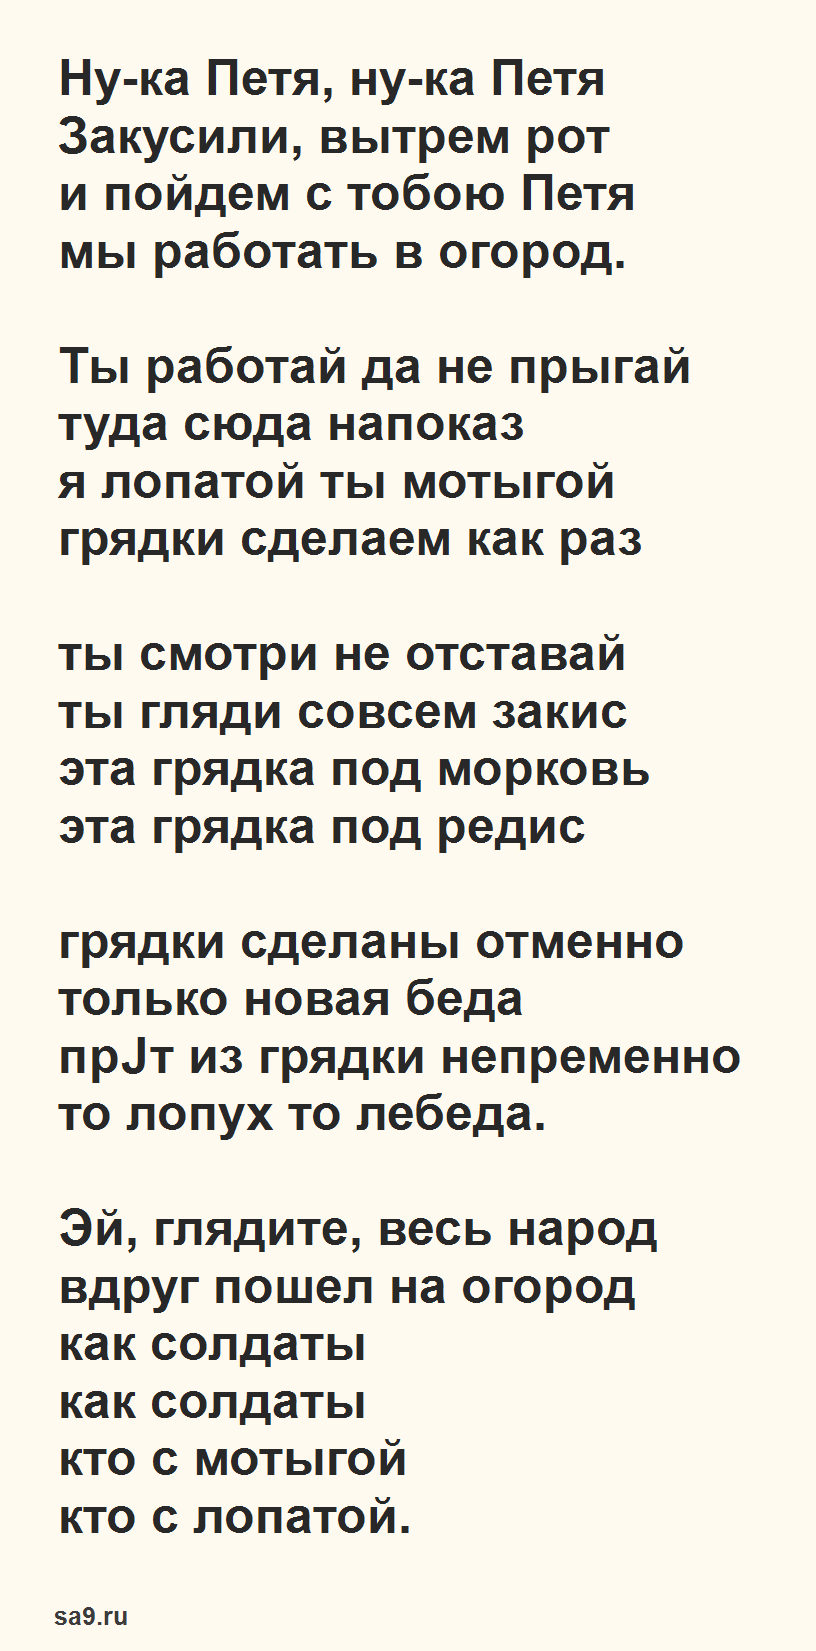 Детские стихи для детей 7 лет - Ну-ка Петя, Даниил Хармс